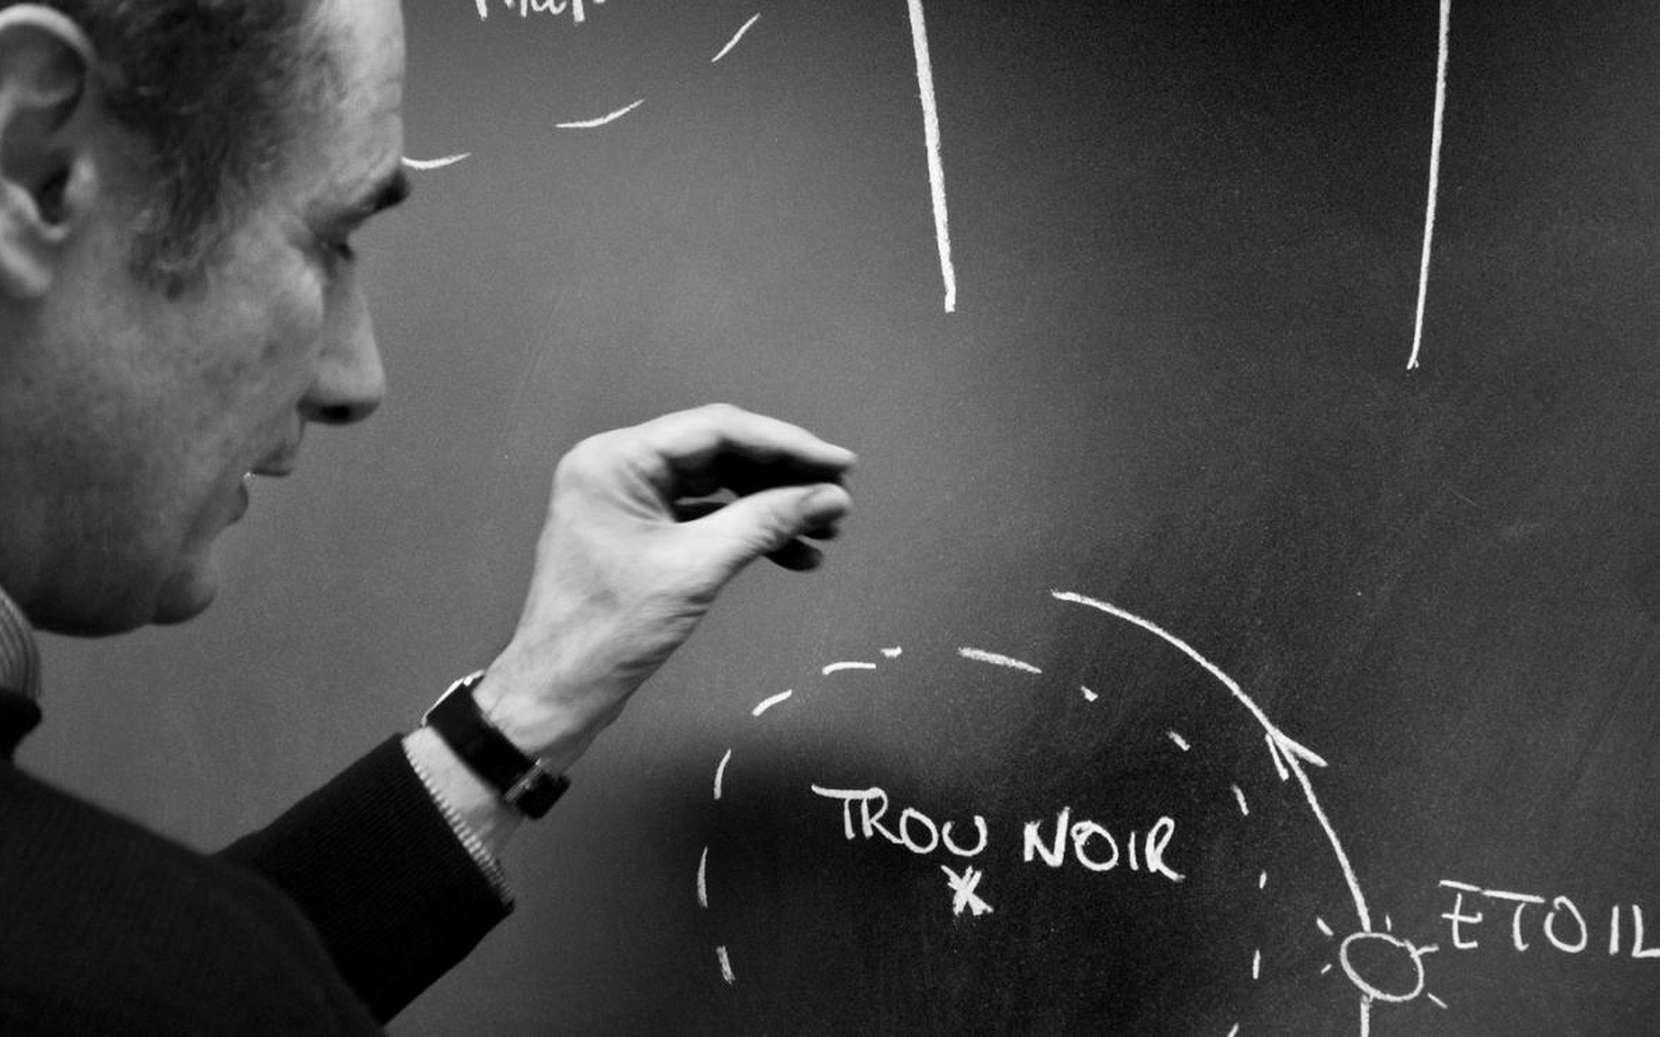 Pierre Binétruy au tableau noir, expliquant l'intérêt d'une source particulièrement fascinante d'ondes gravitationnelles, un astre , étoile à neutrons ou trou noir stellaire, sur le point de fusionner avec un trou noir supermassif. © dars et papillault